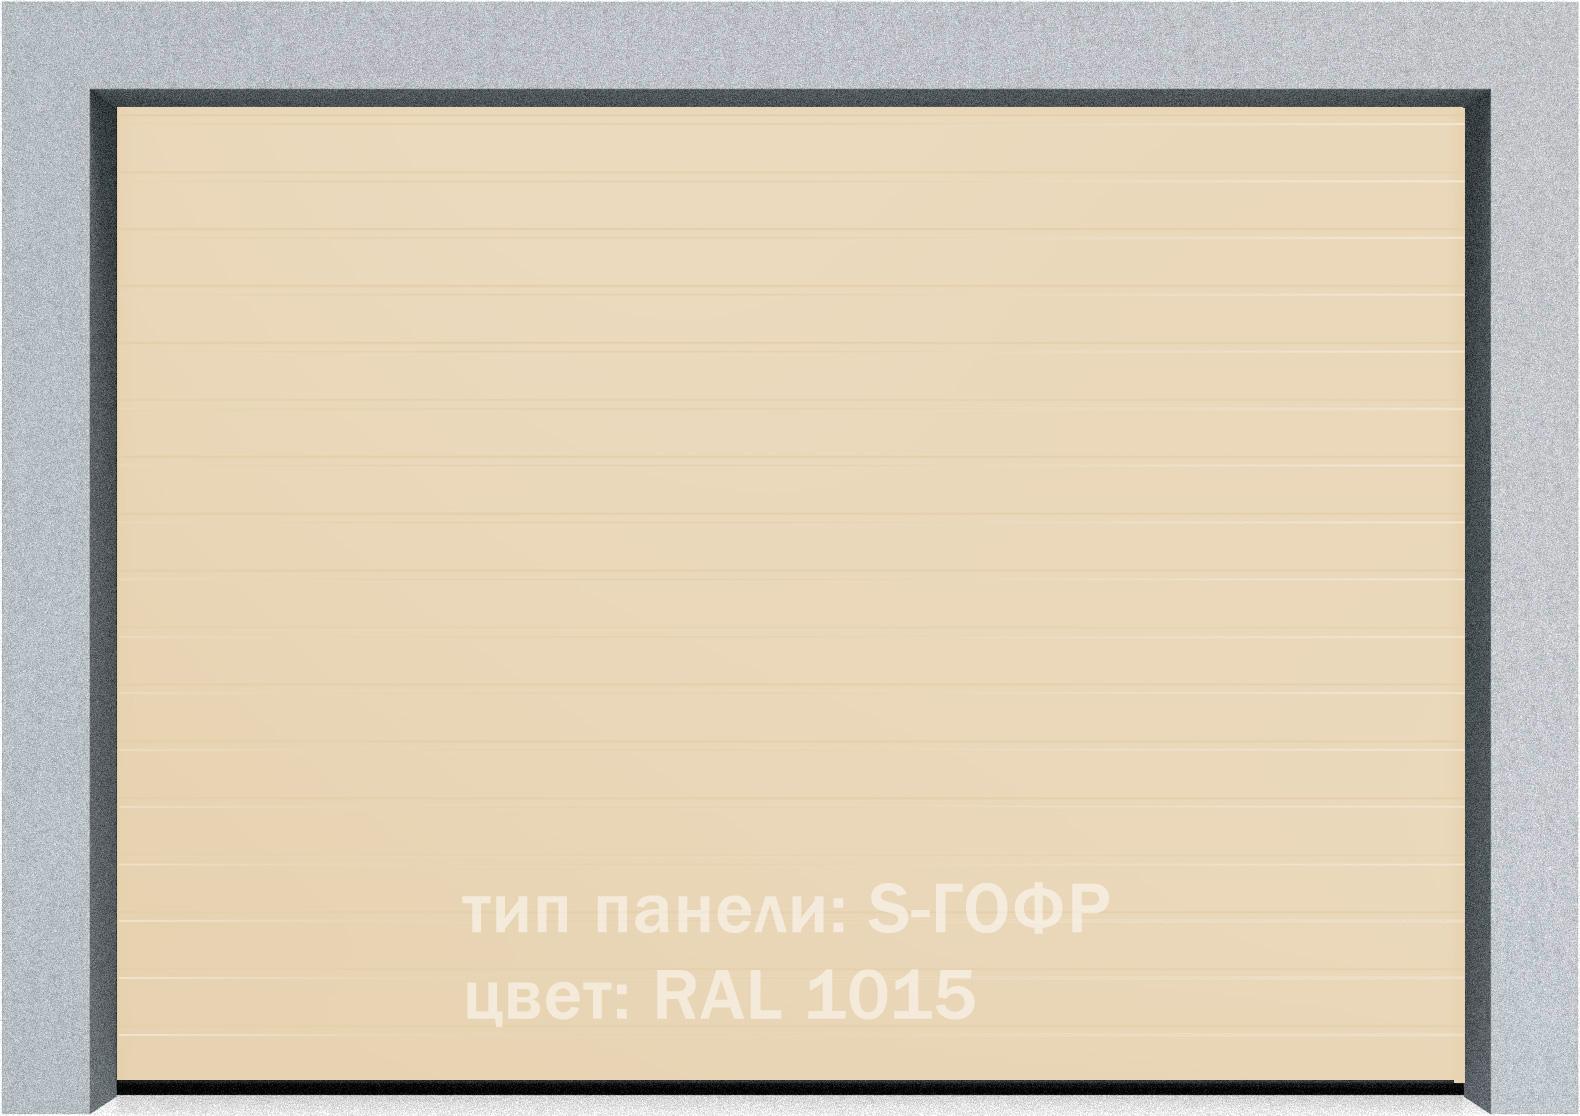 Секционные гаражные ворота Alutech Trend 1875x2250 S-гофр, Микроволна стандартные цвета, пружины растяжения, фото 4